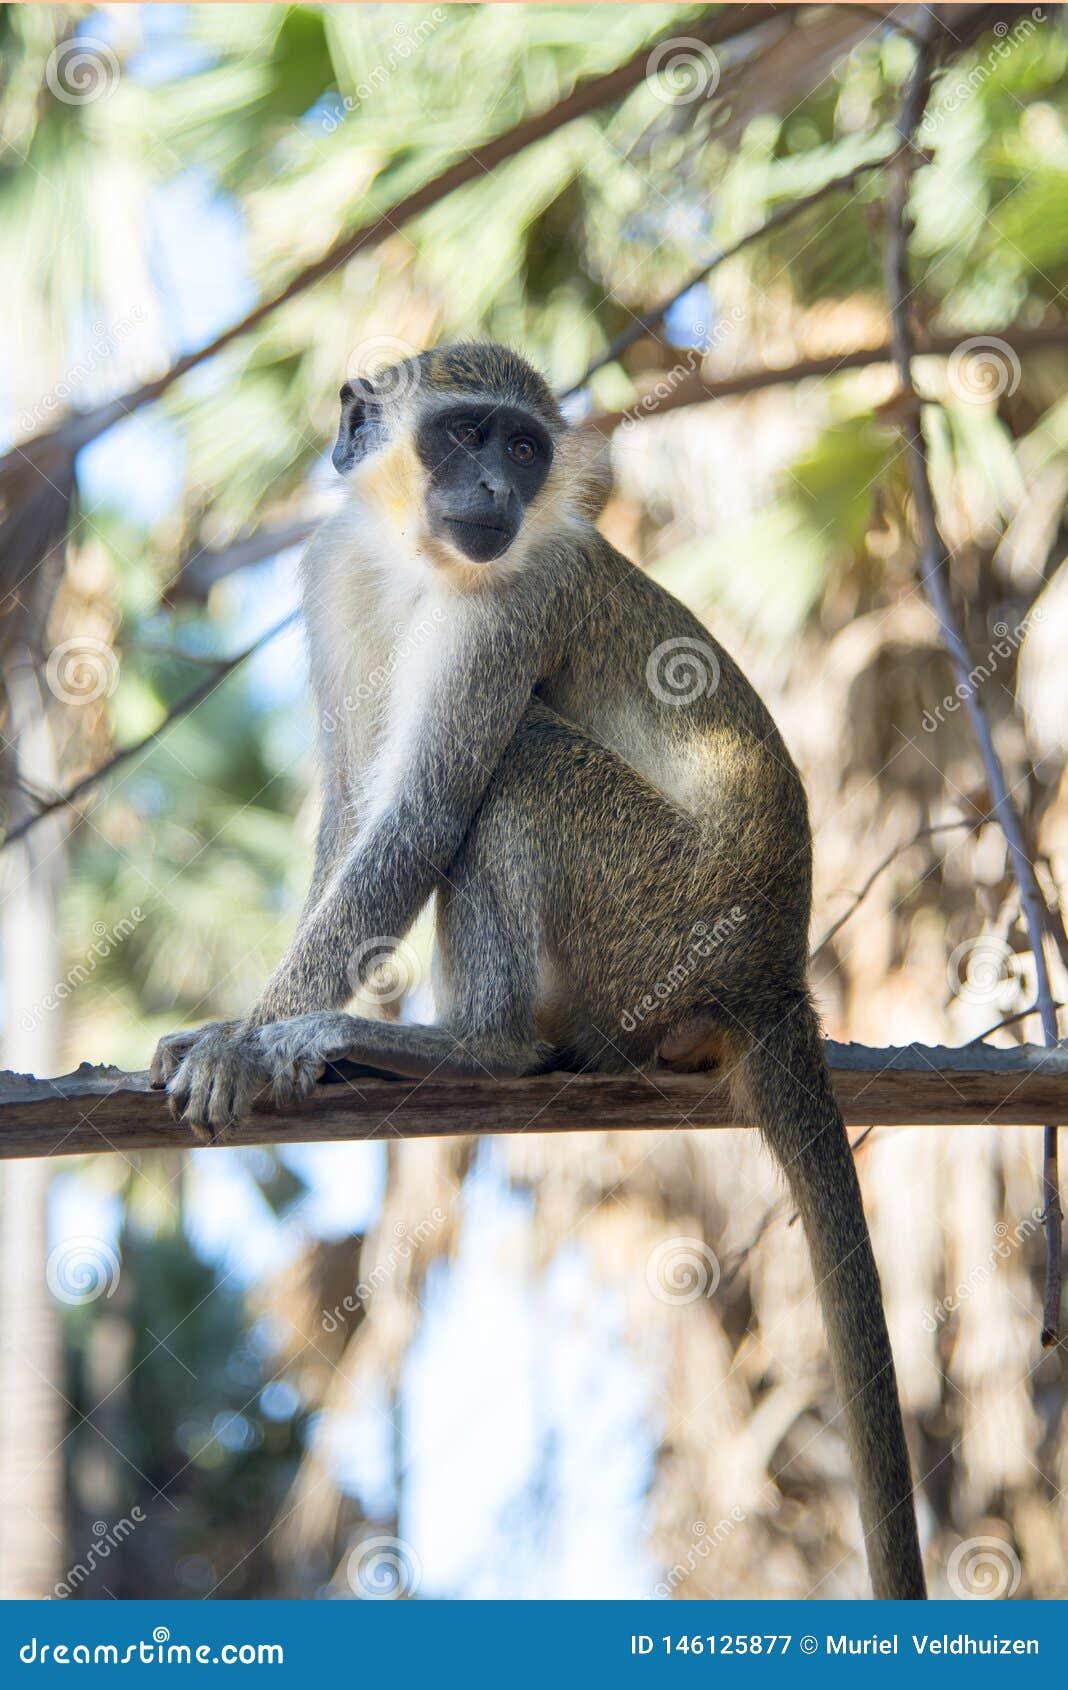 Ο όμορφος πίθηκος κάθεται στην επιφυλακή σε ένα δέντρο σε ένα χωριό στη Γκάμπια